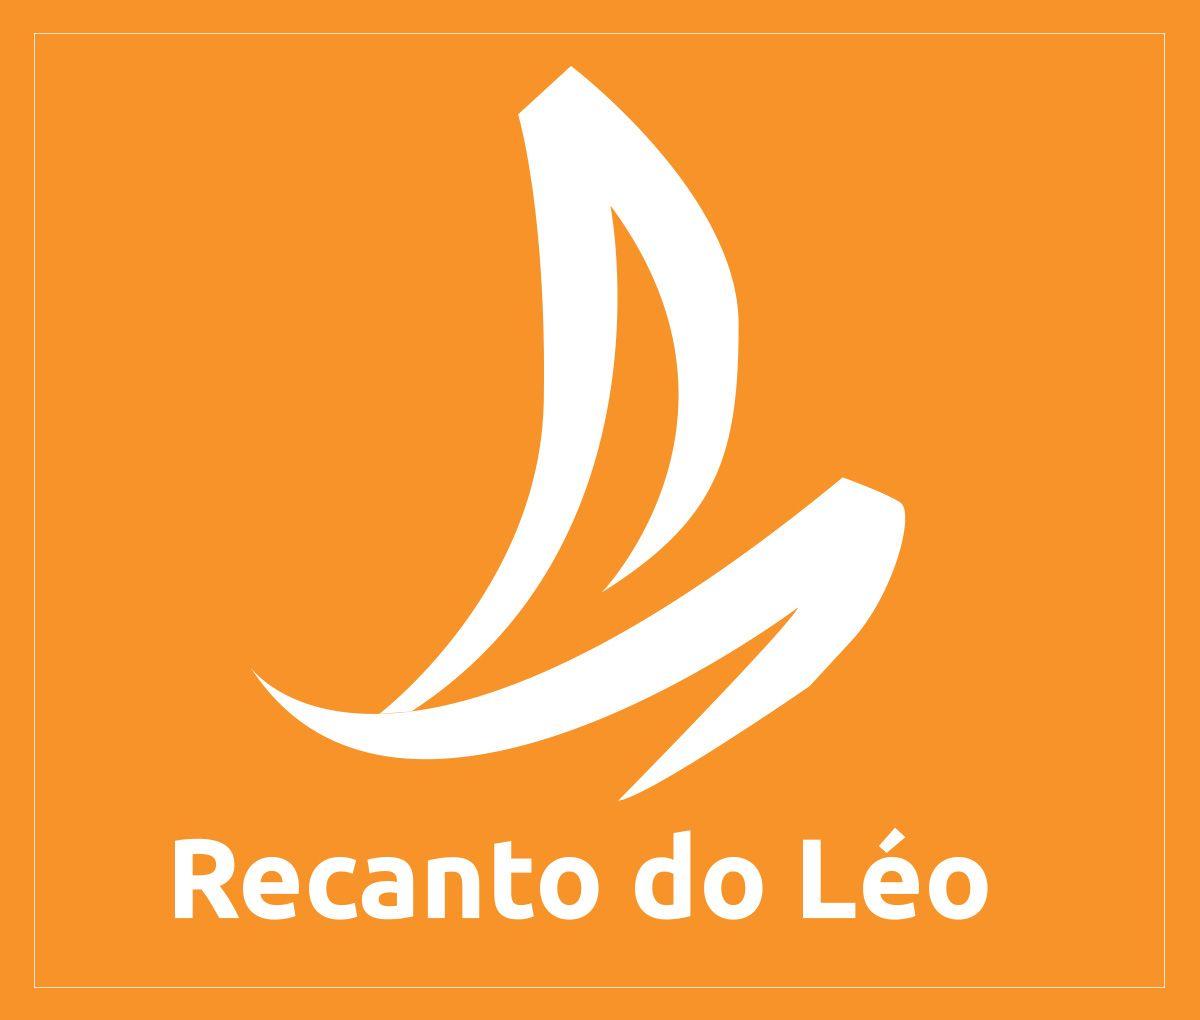 Pousada Recanto do Léo em Bertioga